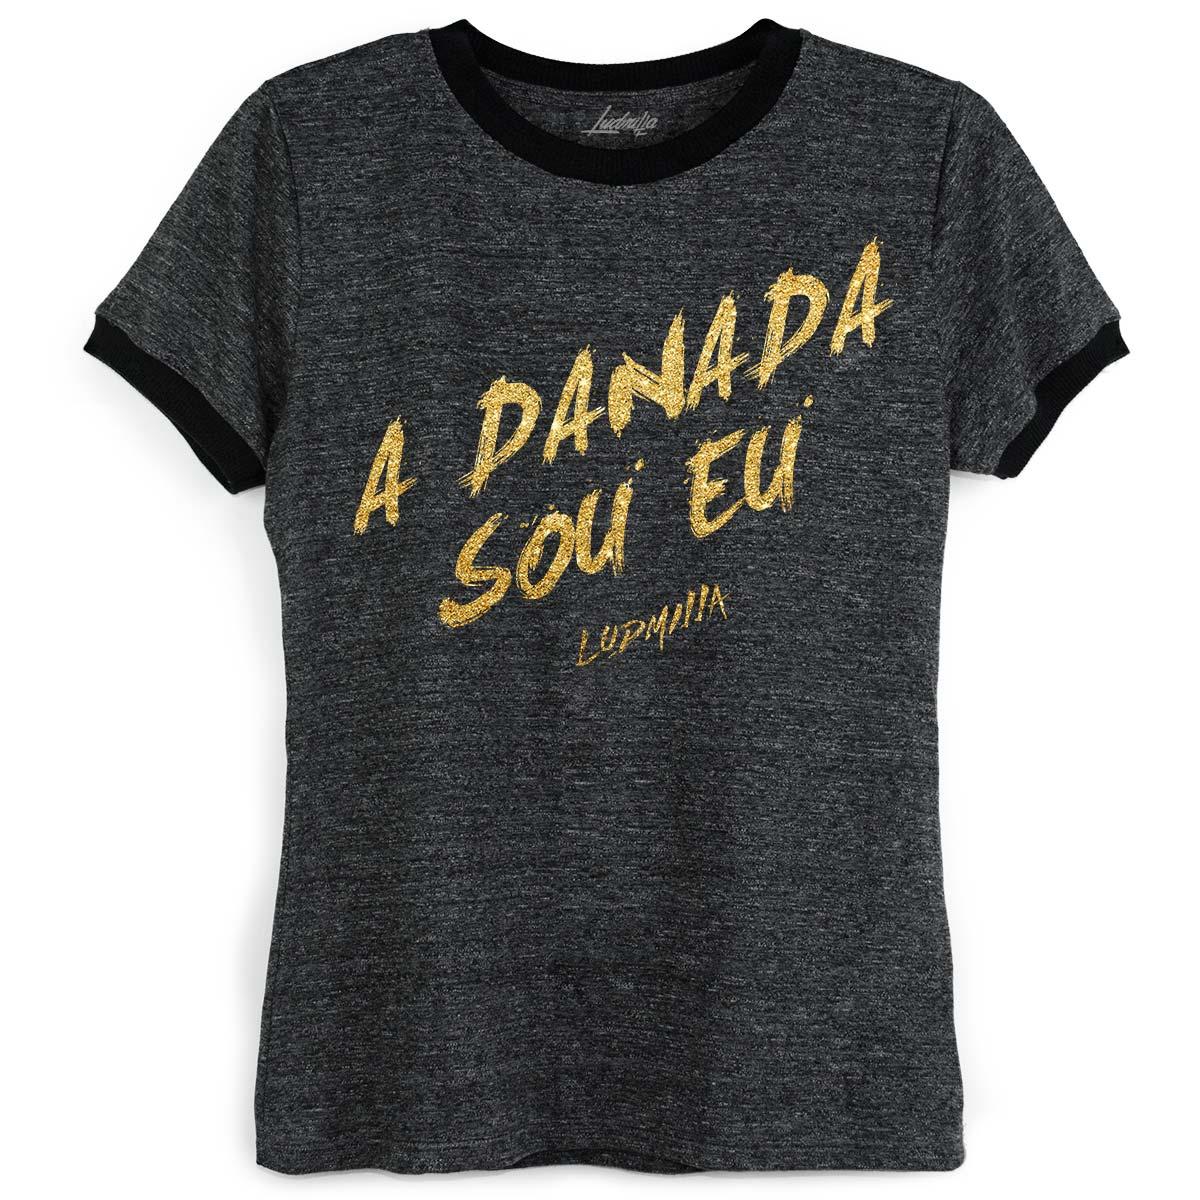 Camiseta Ringer Feminina Ludmilla Danada